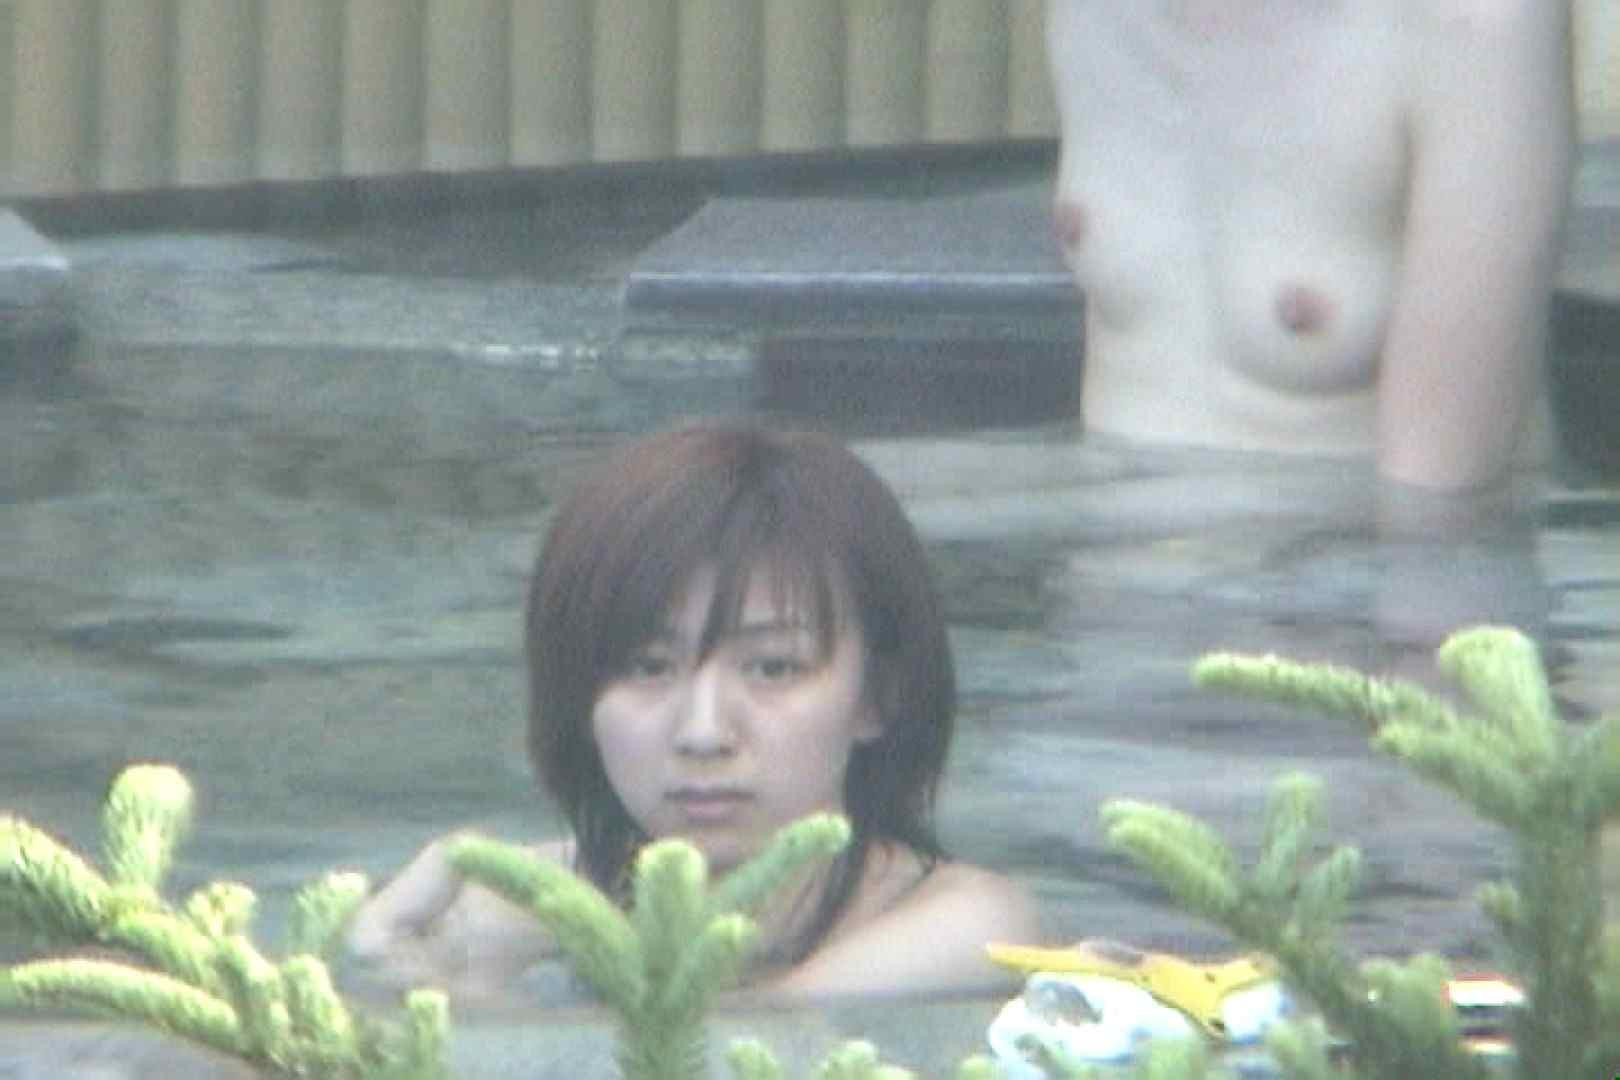 Aquaな露天風呂Vol.77【VIP限定】 美しいOLの裸体  96pic 69